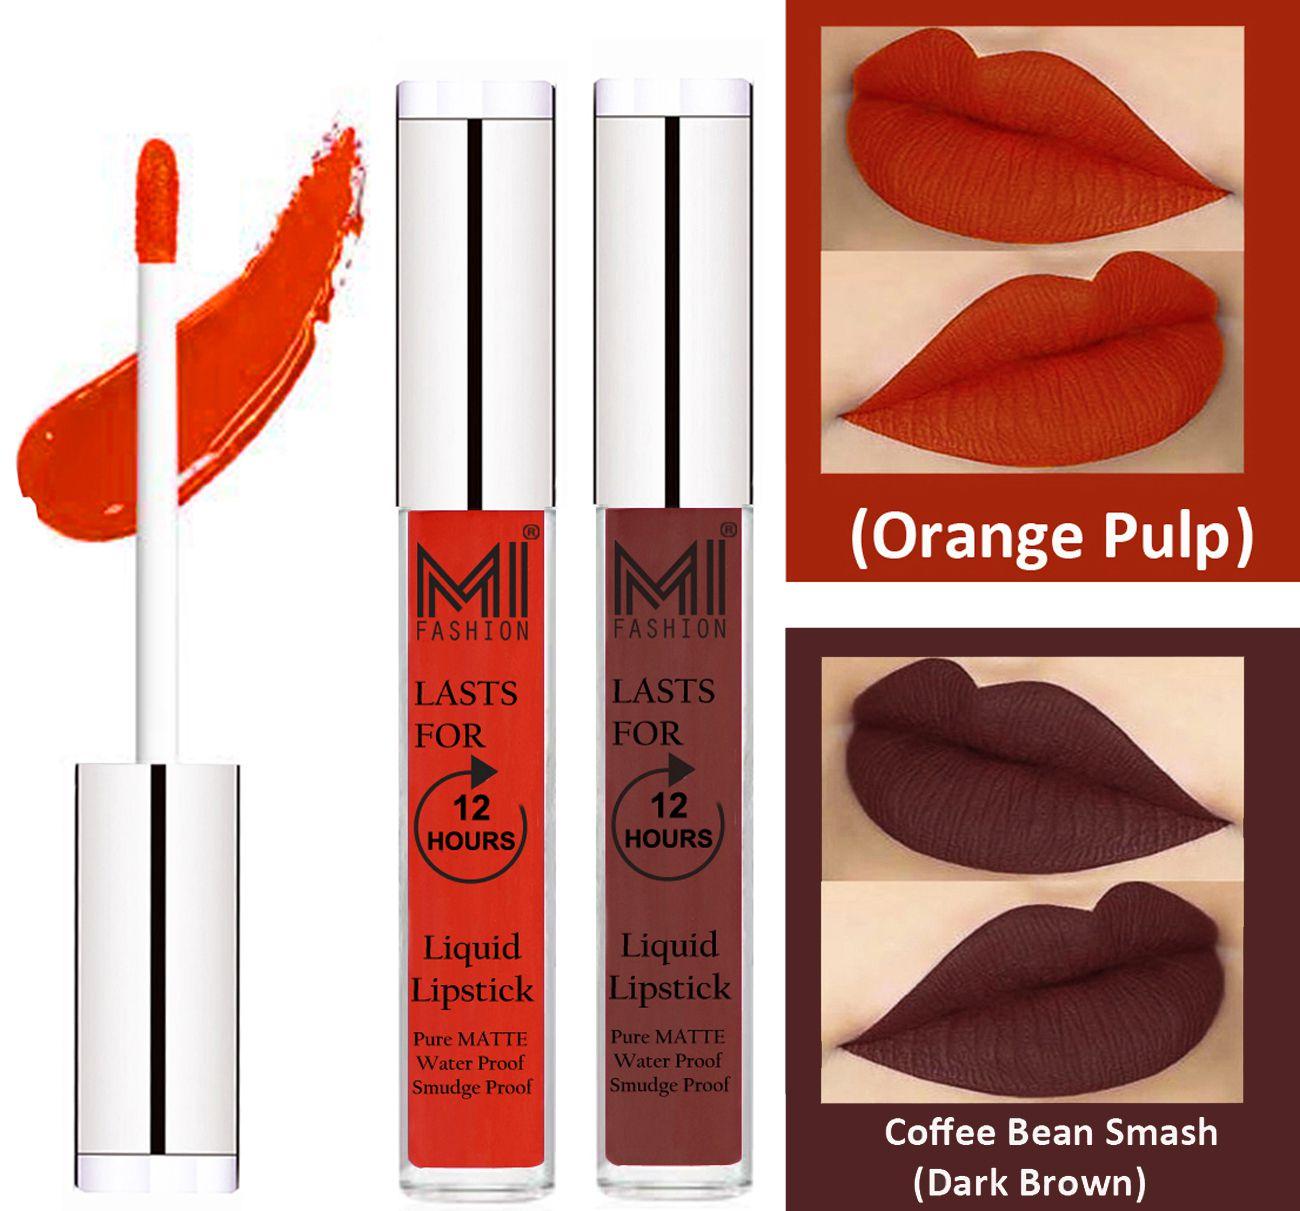 MI FASHION Liquid Lipstick Orange Pulp,Dark Brown 3 ml Pack of 2